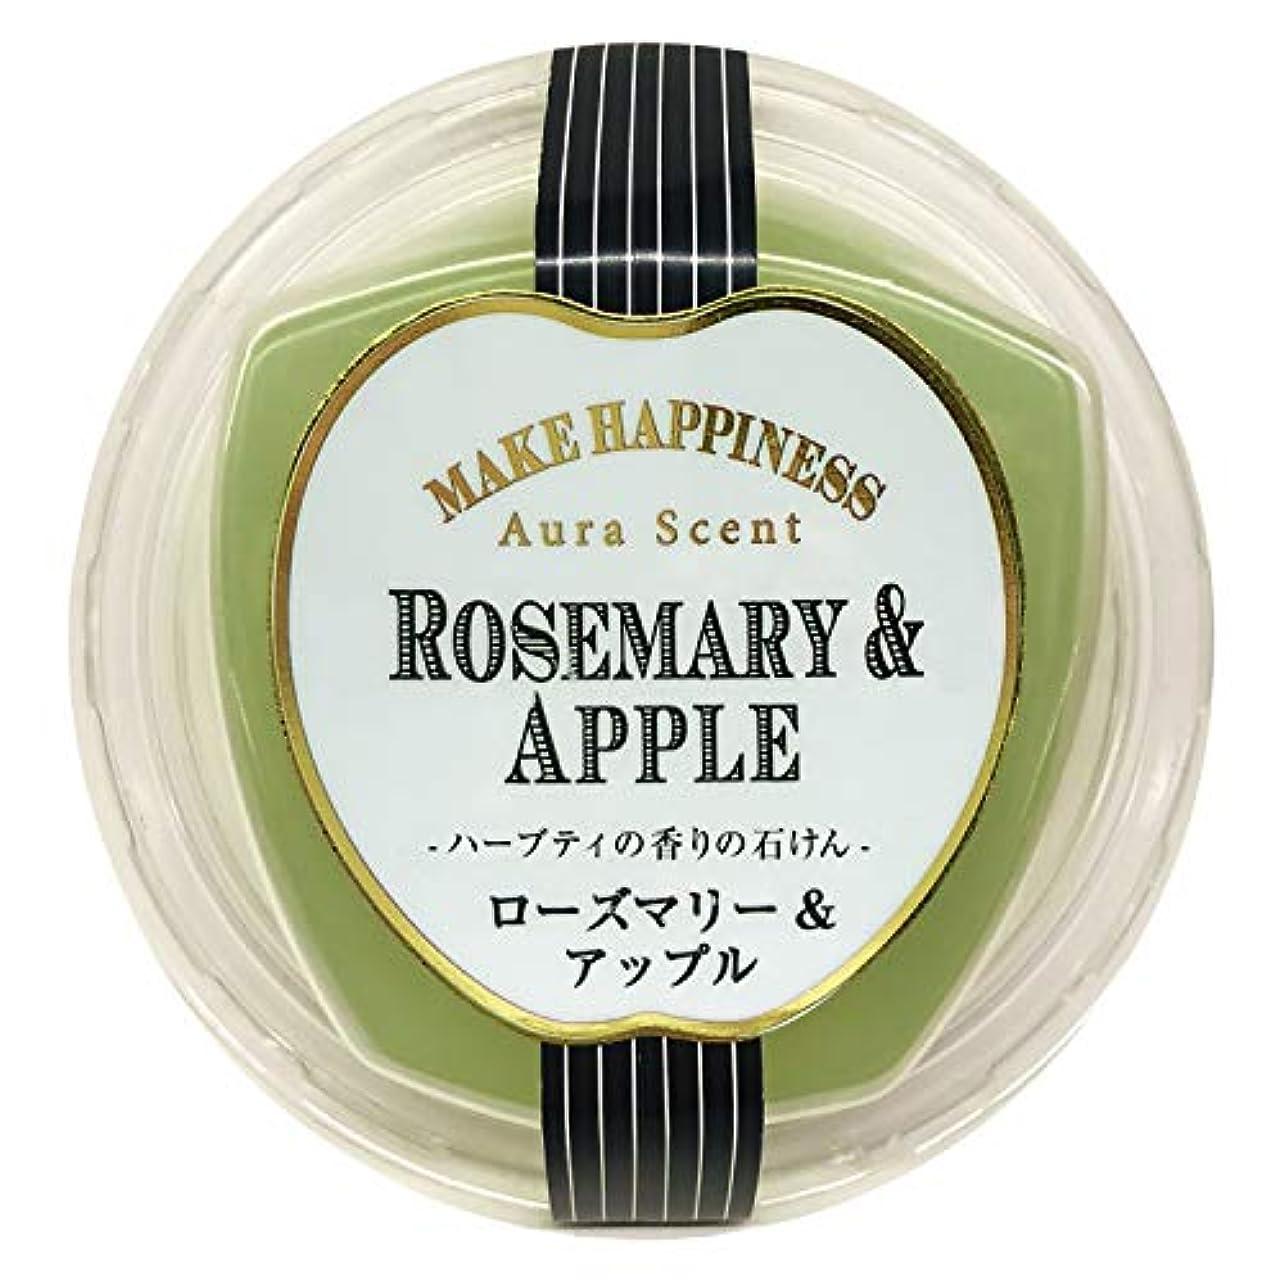 治療魅力的であることへのアピールまつげペリカン石鹸 オーラセント クリアソープローズマリー&アップル 75g